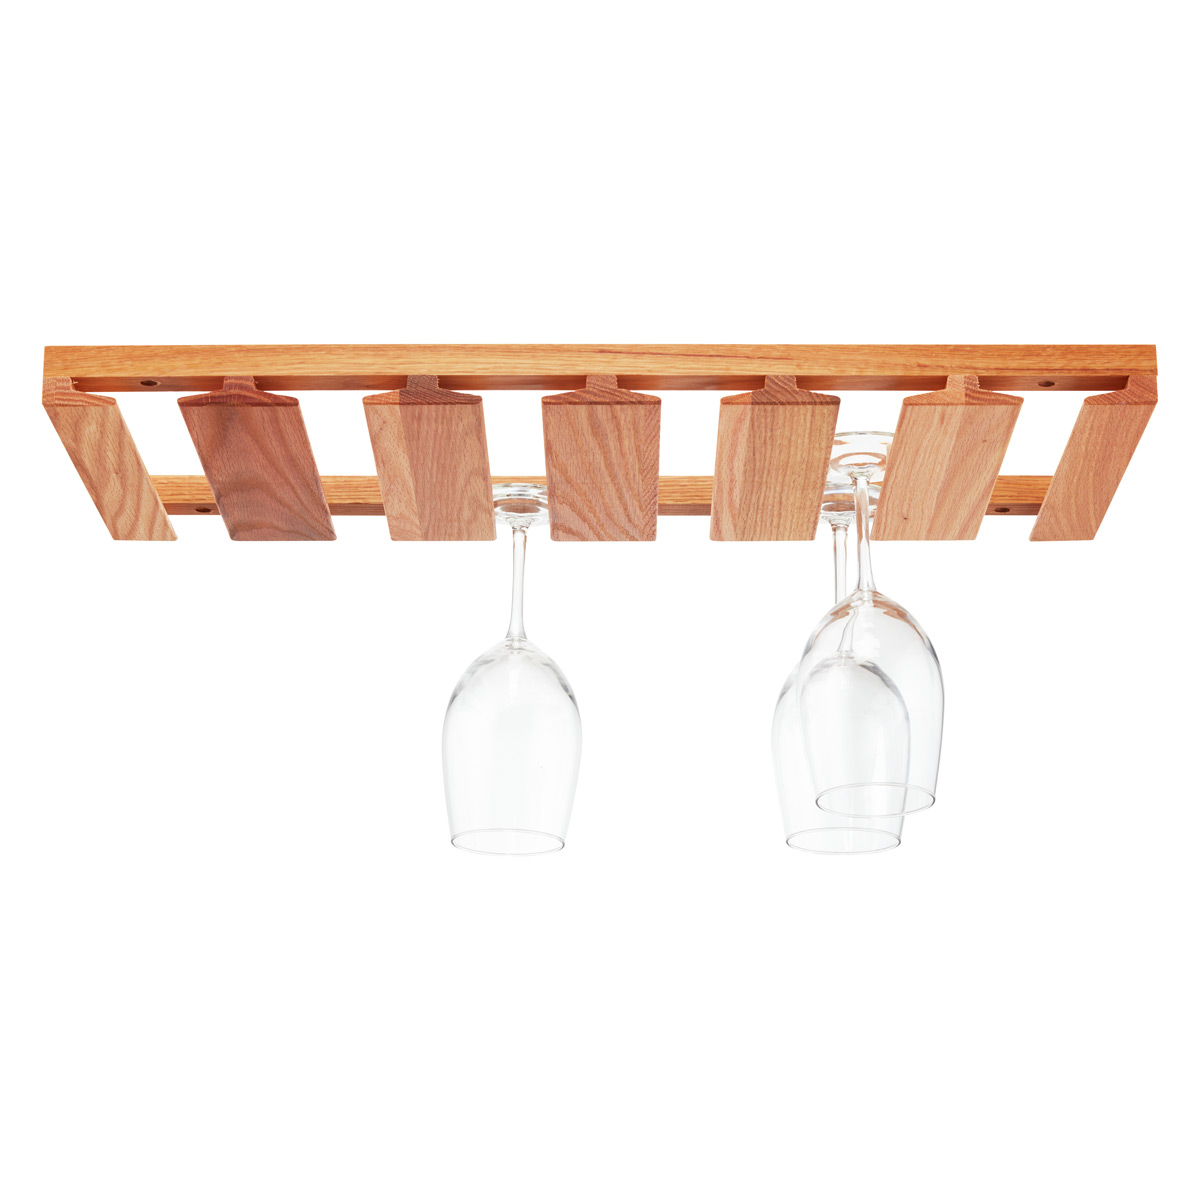 oak undercabinet wine glass rack